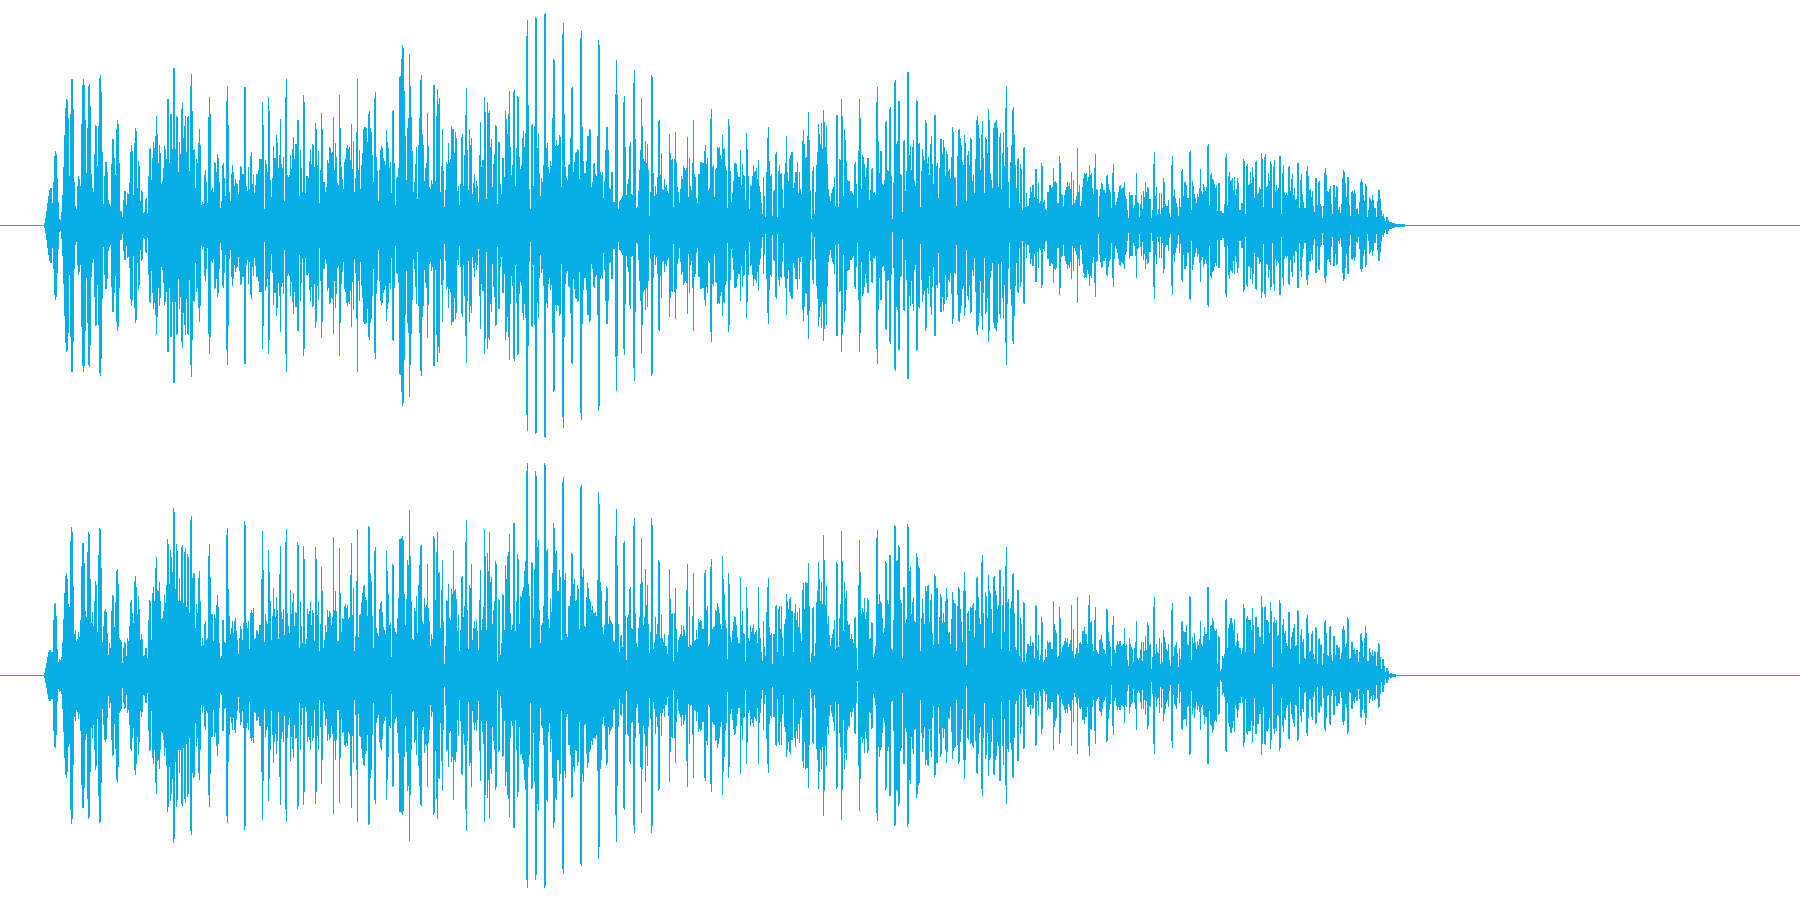 ポヤヤ〜ン(レトロでユニークな効果音)の再生済みの波形